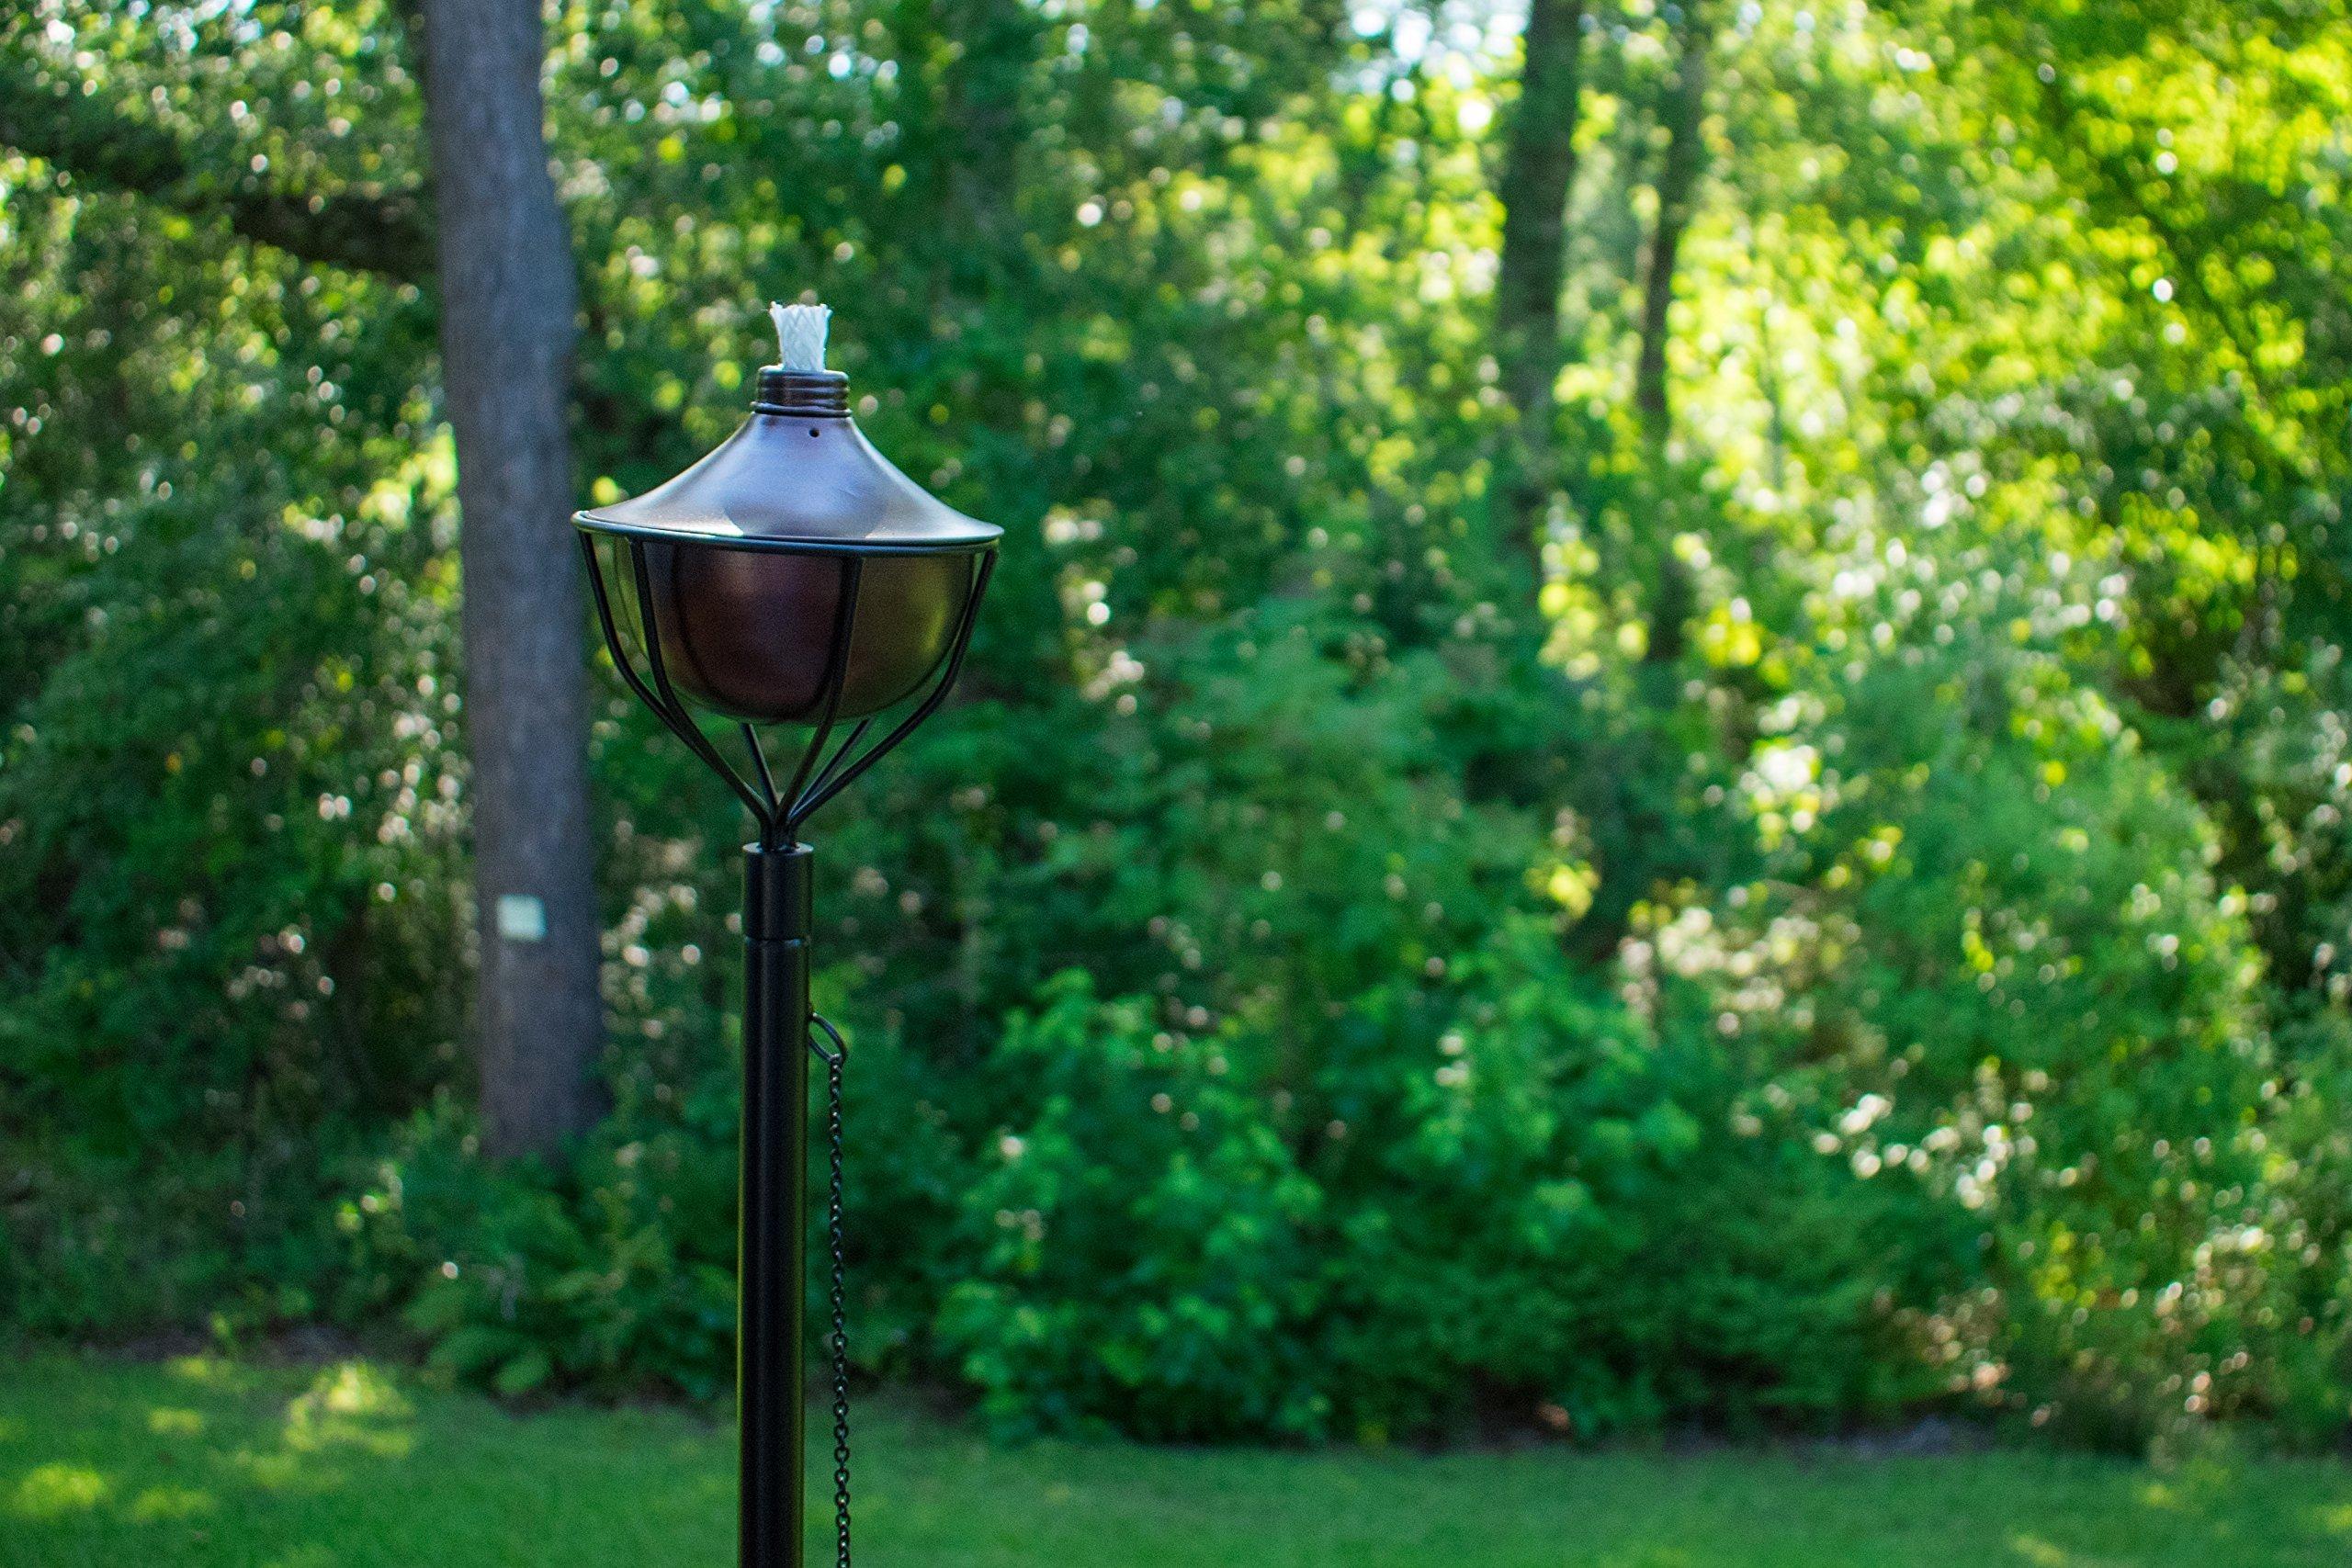 Dusq All-In-One Citronella Garden Torch Oil-Rubbed-Bronze